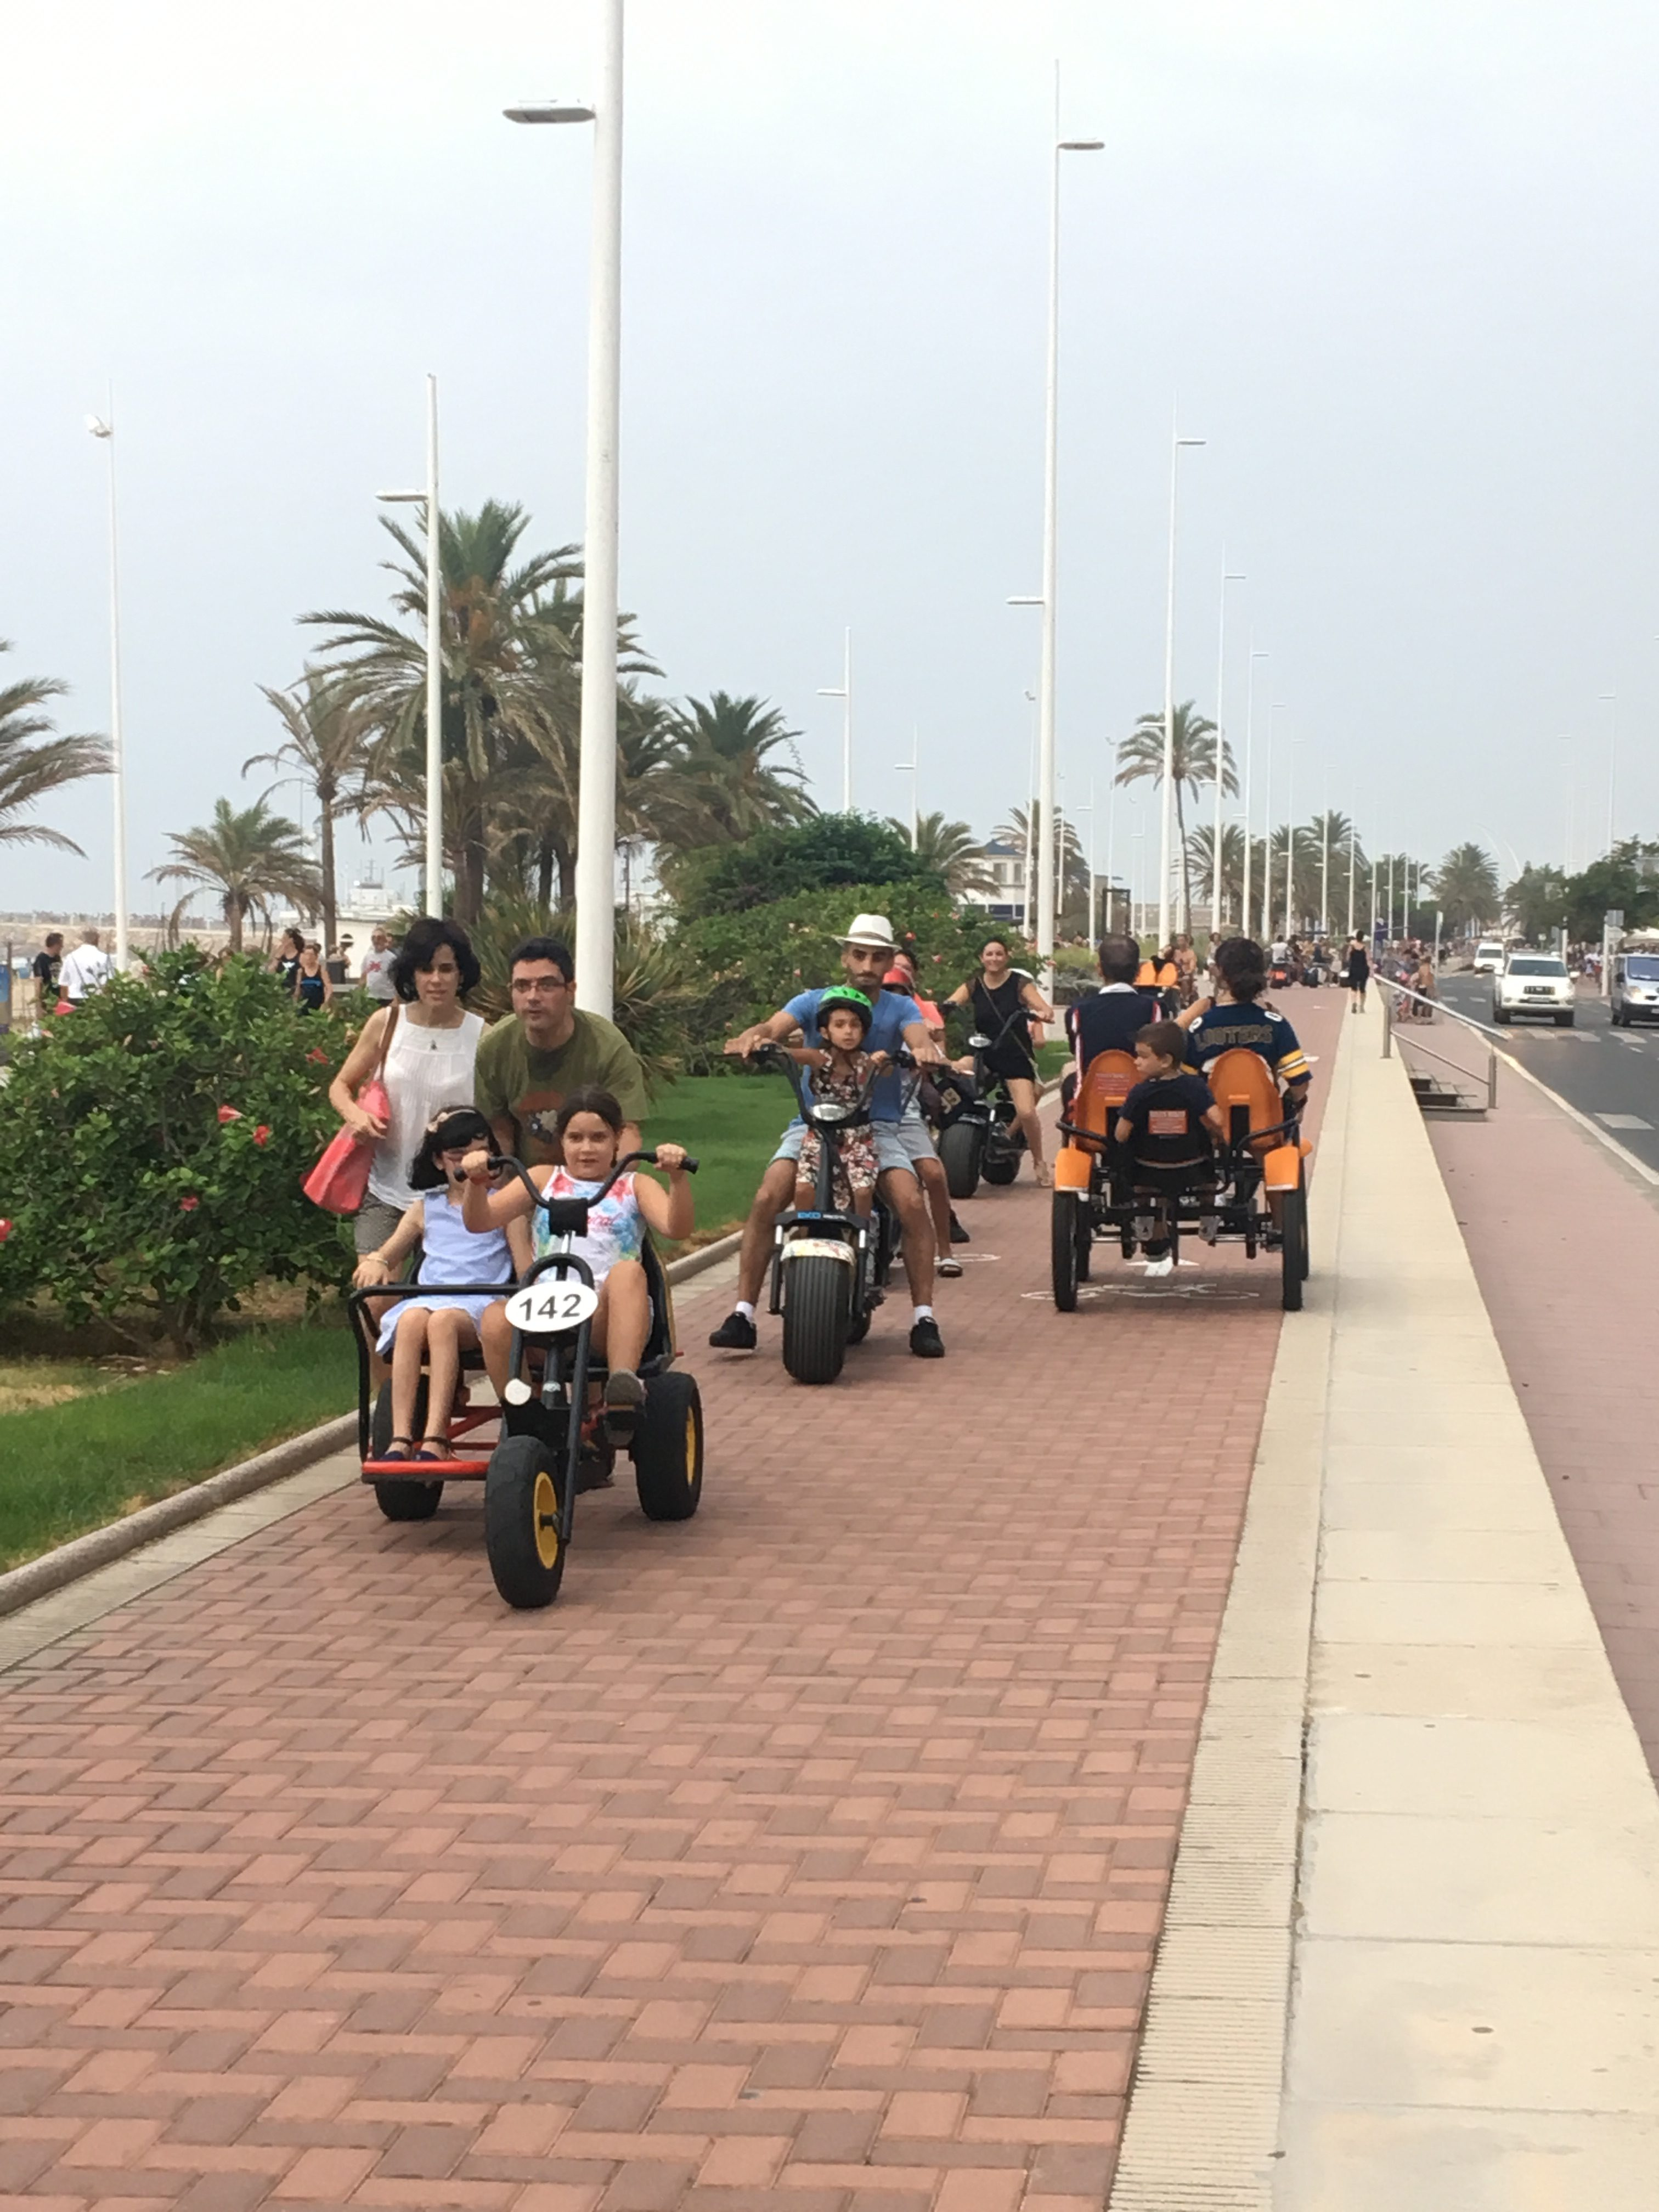 Gandia restringe el tráfico de patinetes y bicicletas en el carril bici de la fachada marítima